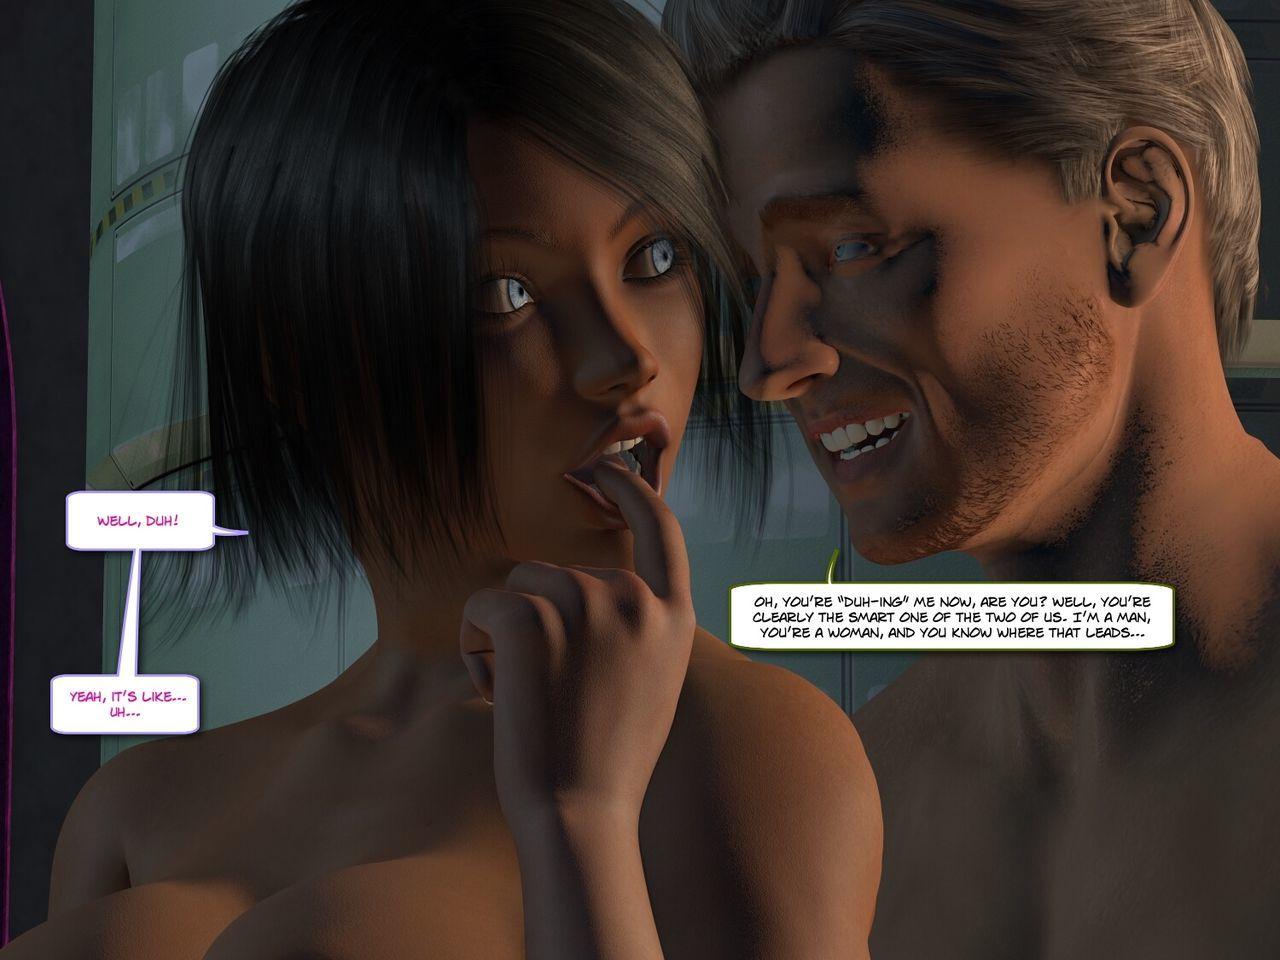 [babblingfaces] The Slavers Trail - part 5